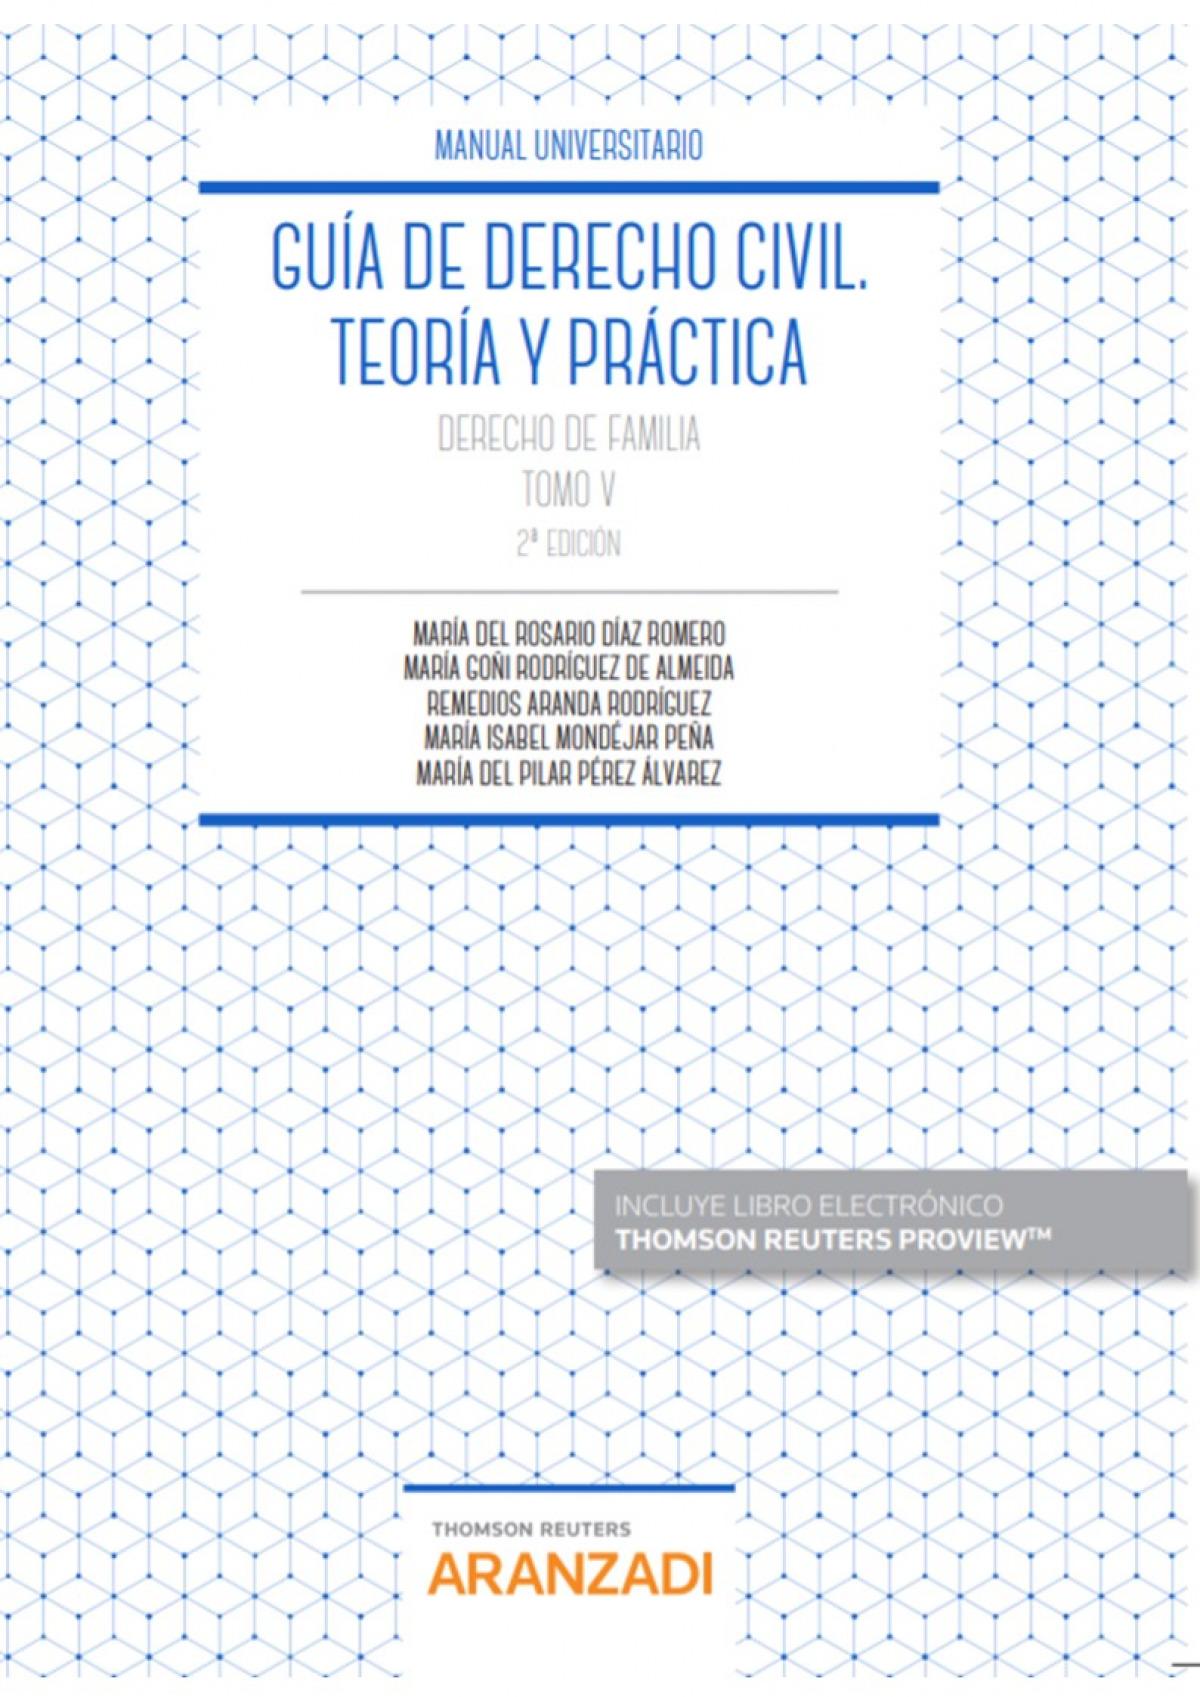 Guía de Derecho Civil. Teoría y práctica (Tomo V) (Papel + e-book)